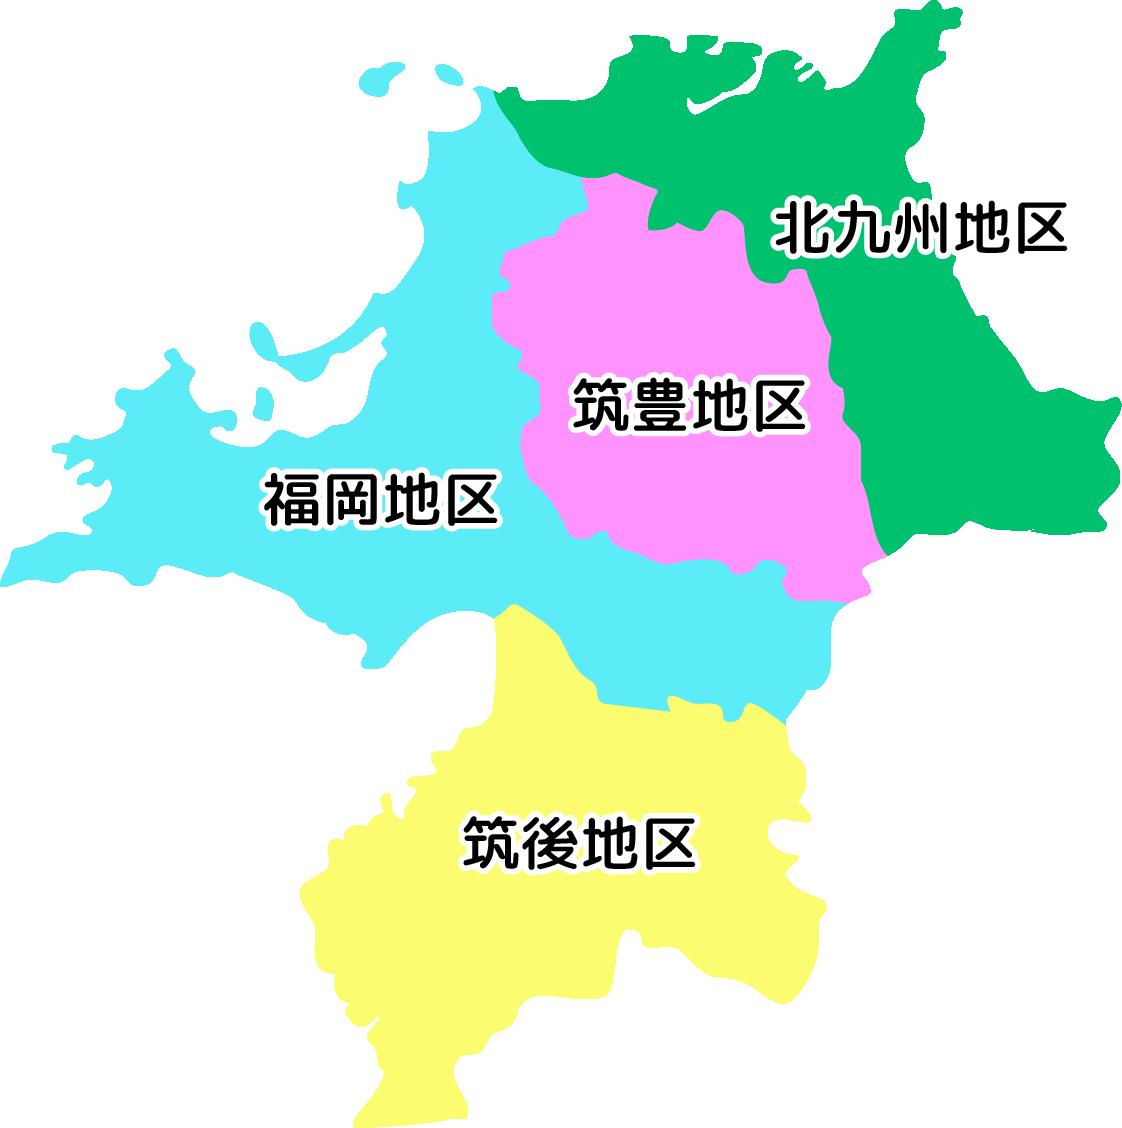 福岡県市町村 ふくおか健康ポイントアプリ 各市町村の取り組み